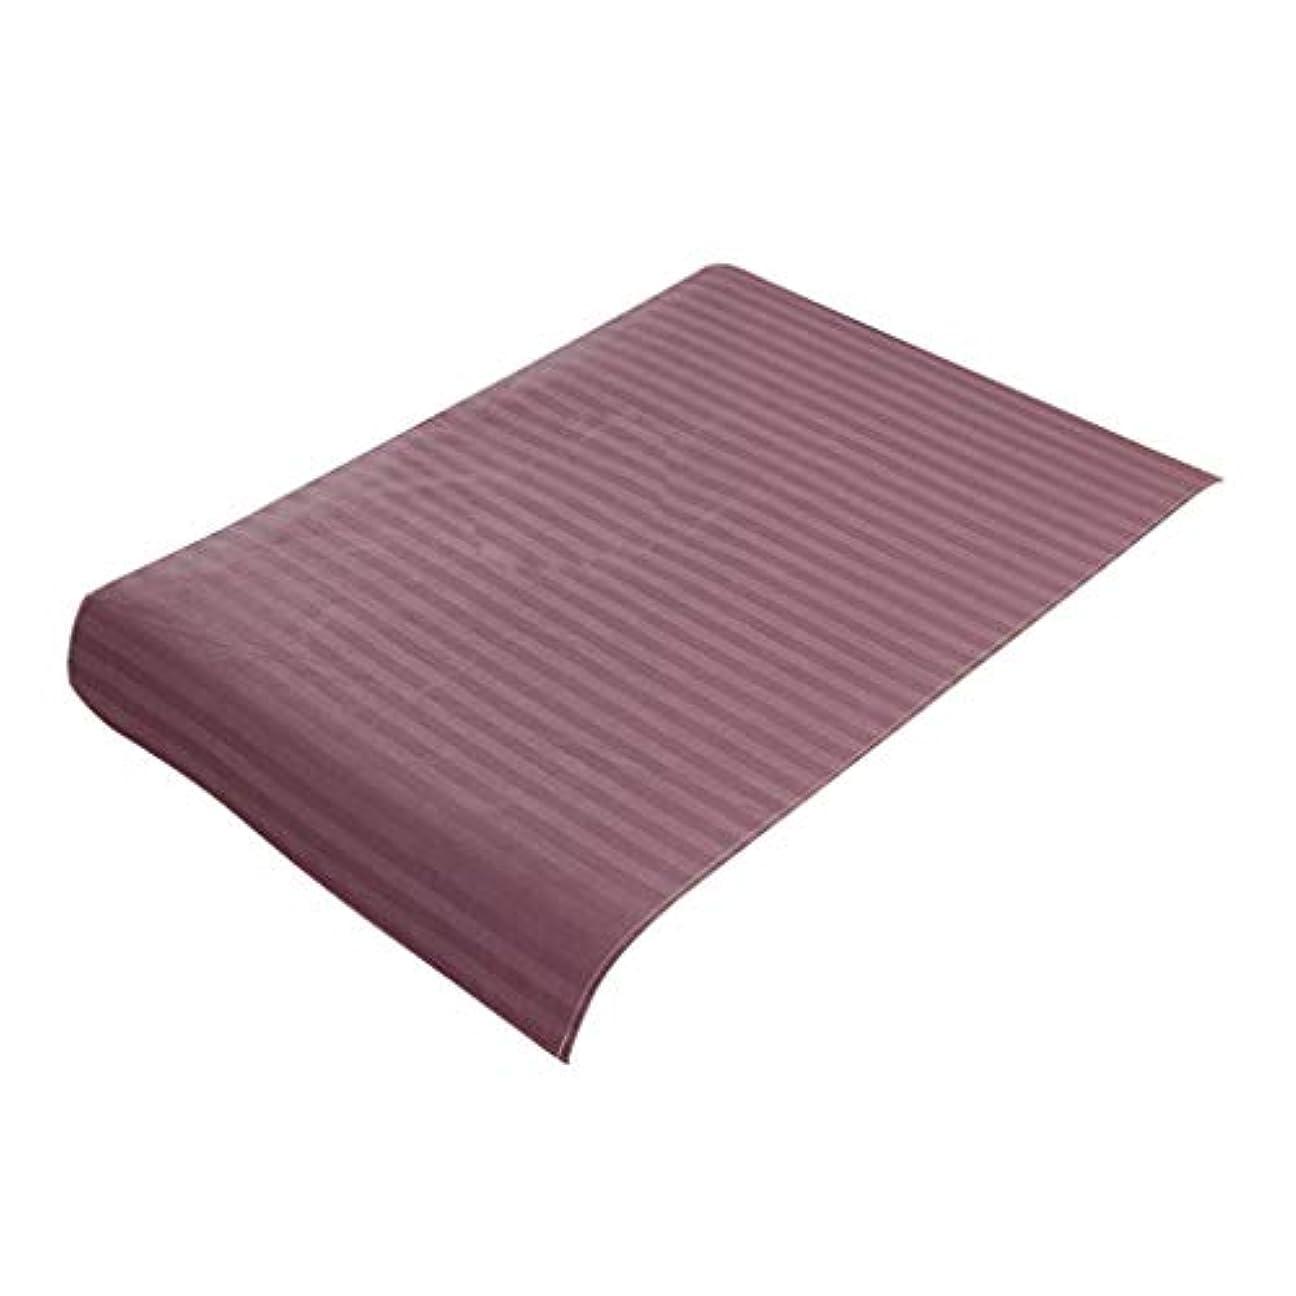 砂シティ一貫性のないPerfeclan ベッドカバー 美容 サロン スパ マッサージ ベッドシート フェース用 ピュアコットン - 紫